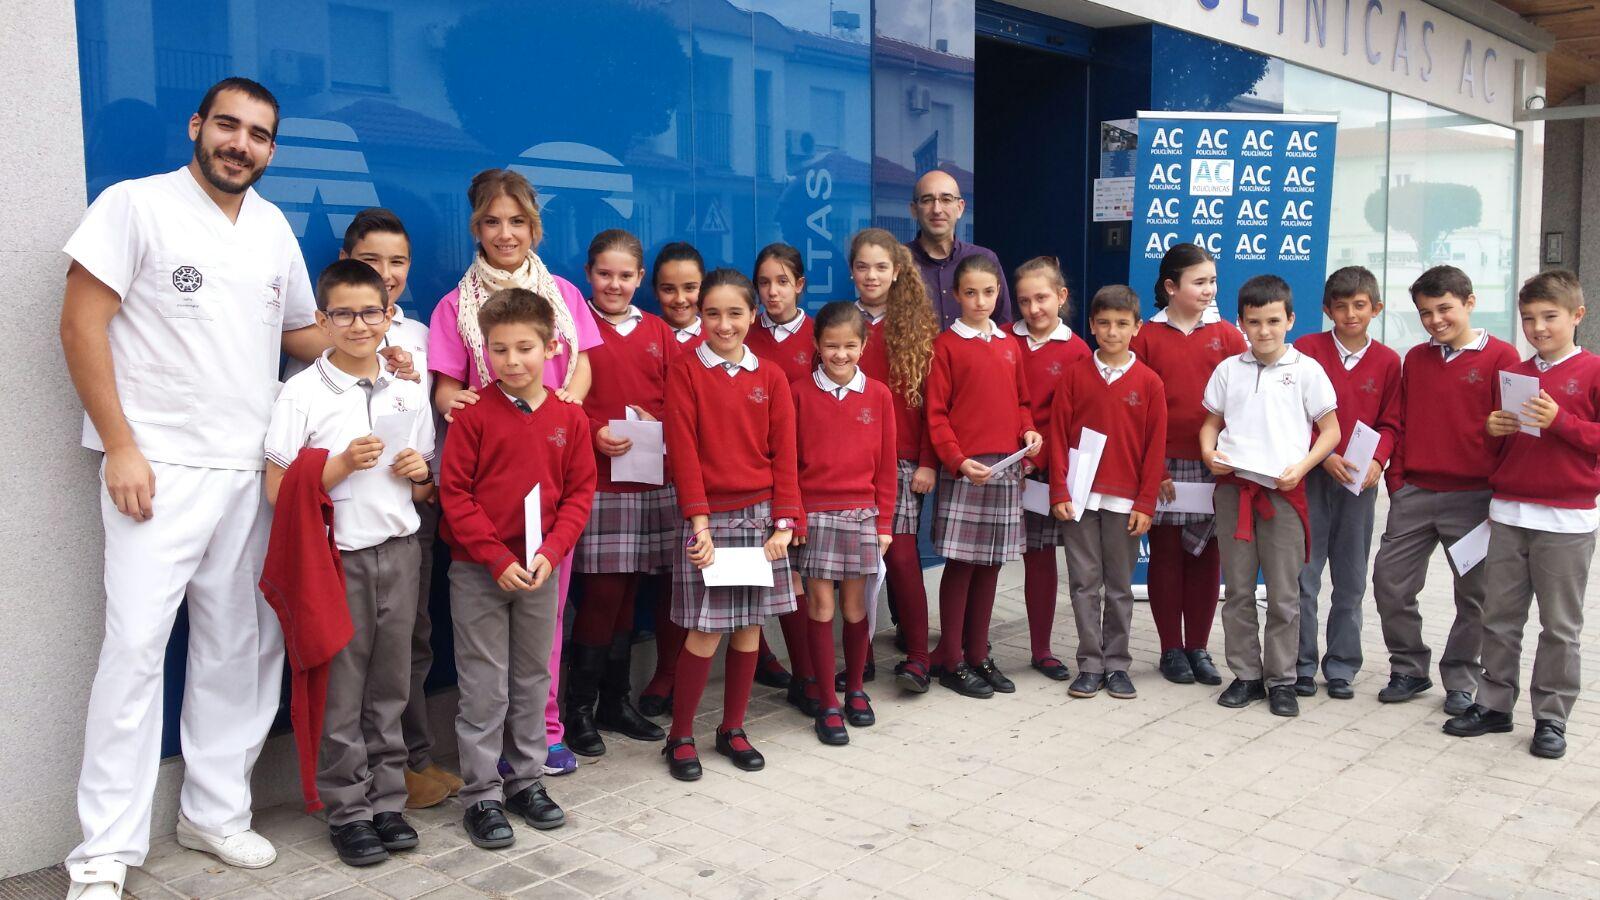 Alumnos del Colegio Don Cristóbal visitan Policlínicas AC